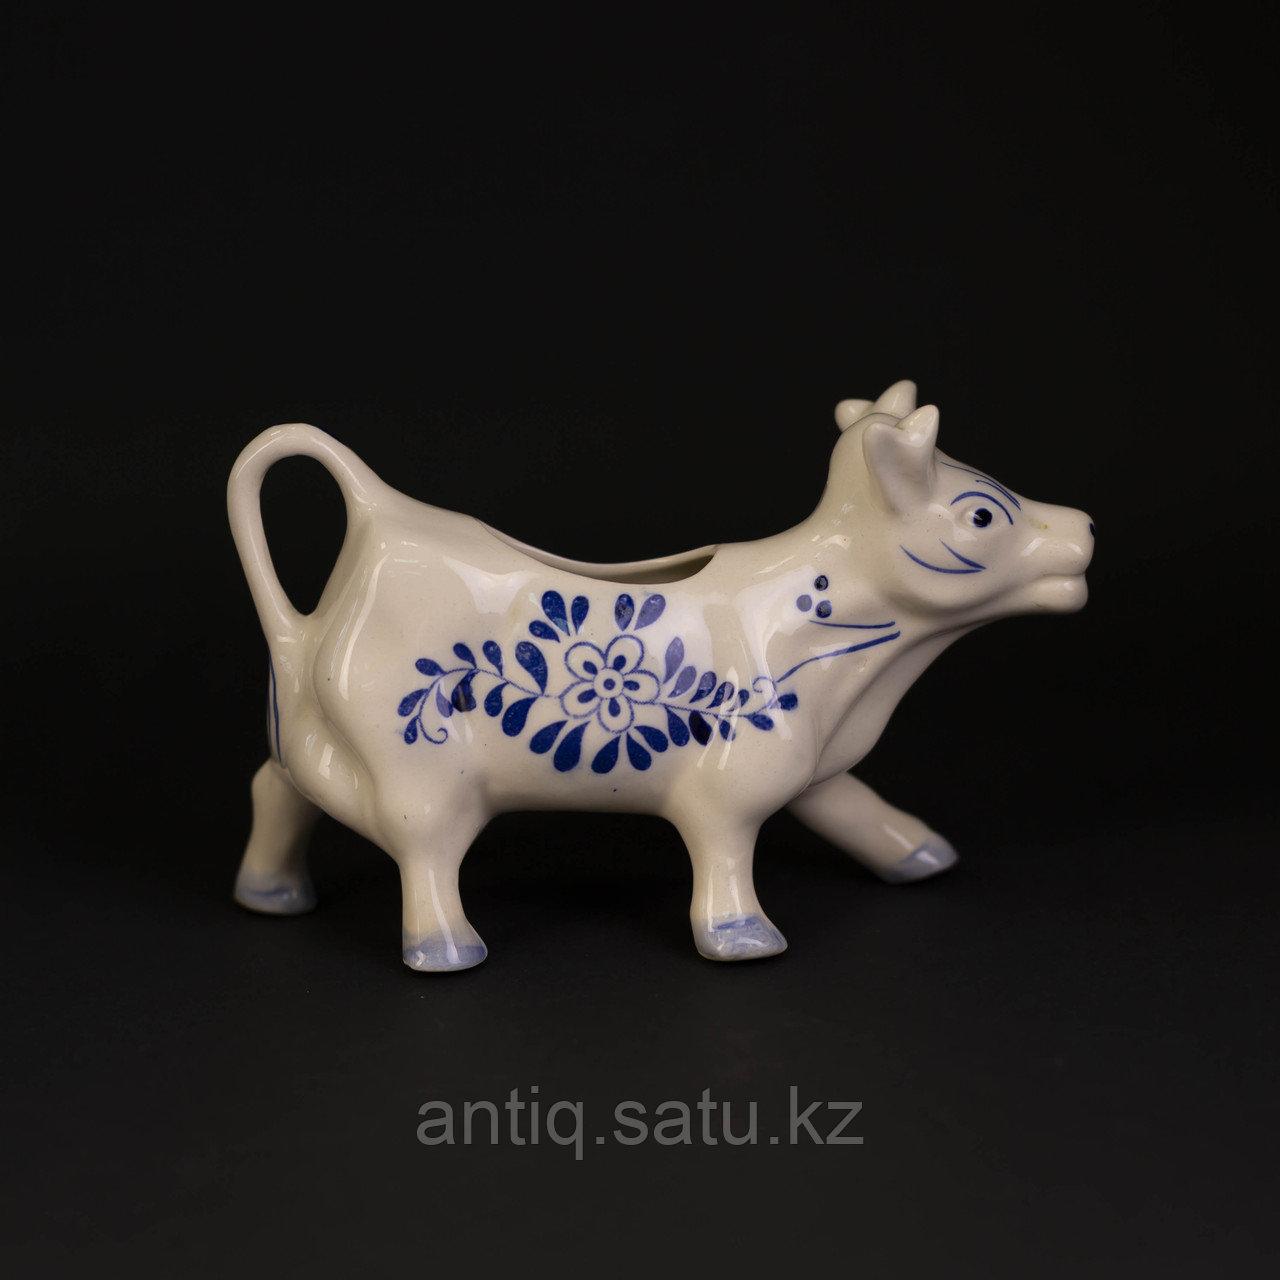 Коллекционный молочный молочник в виде коровы. - фото 3